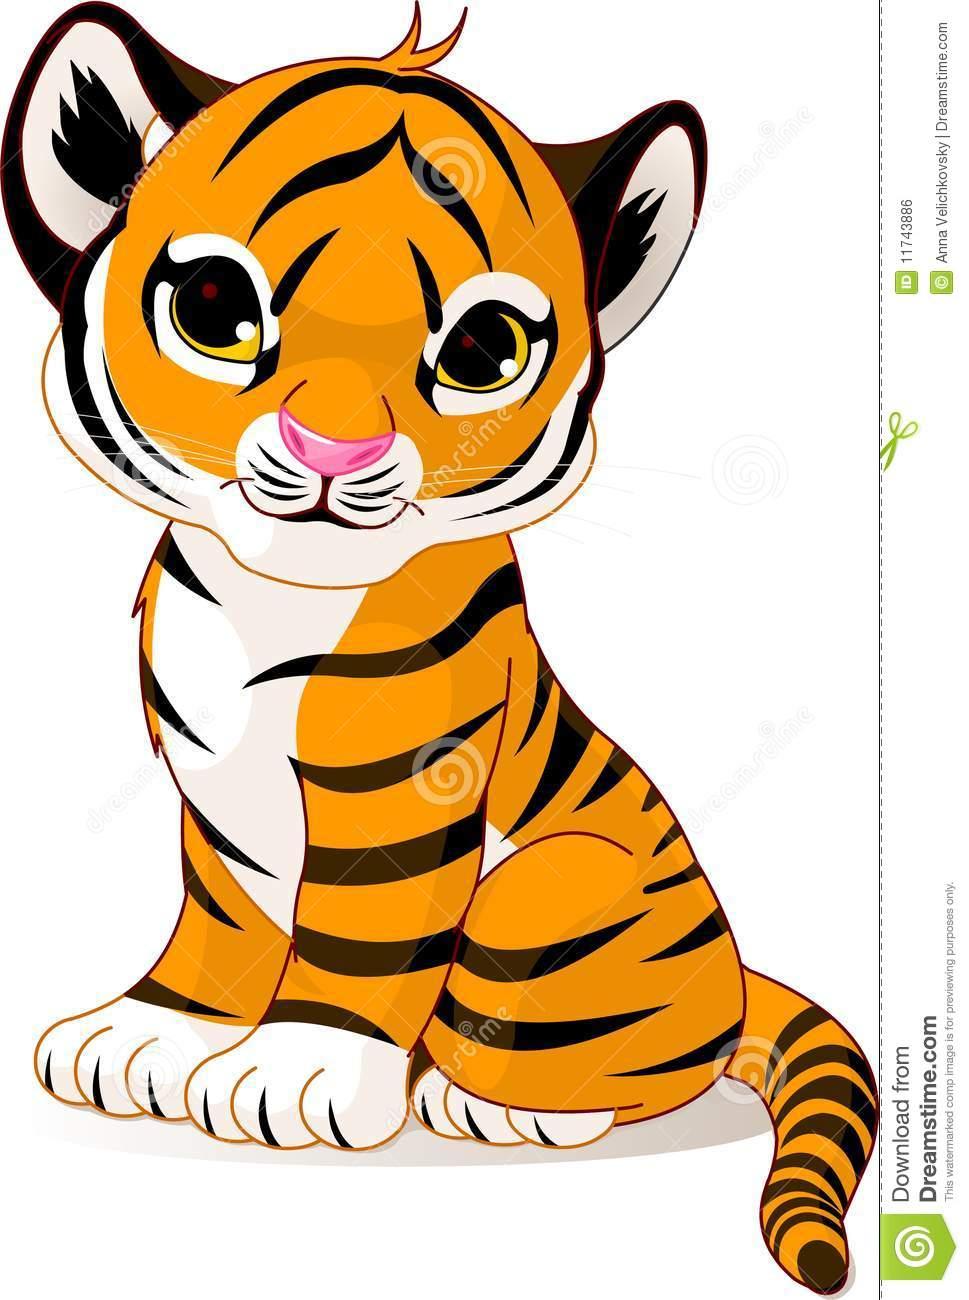 969x1300 Tiger Cub Cartoon Drawing Tiger Clipart Tiger Cub